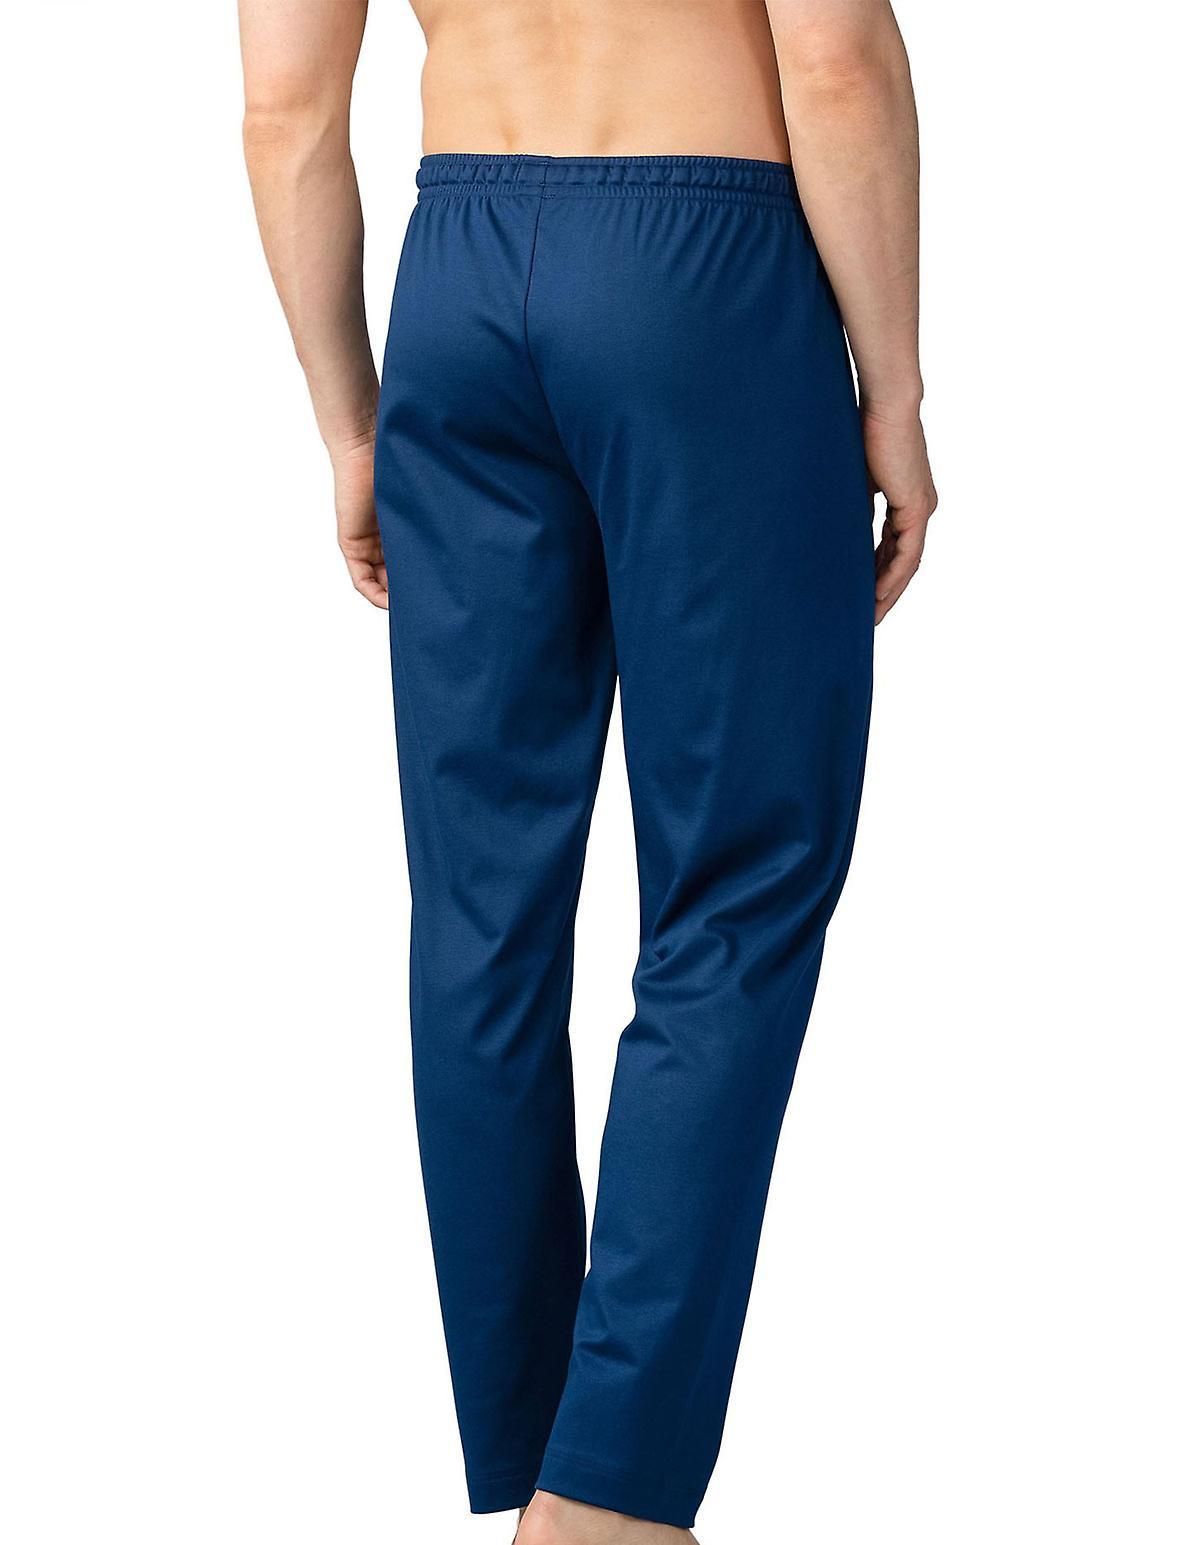 Mey Hommes 20760-664 Hommes& 039;s Lounge Neptune bleu Cotton Pajama Pyjama Pant